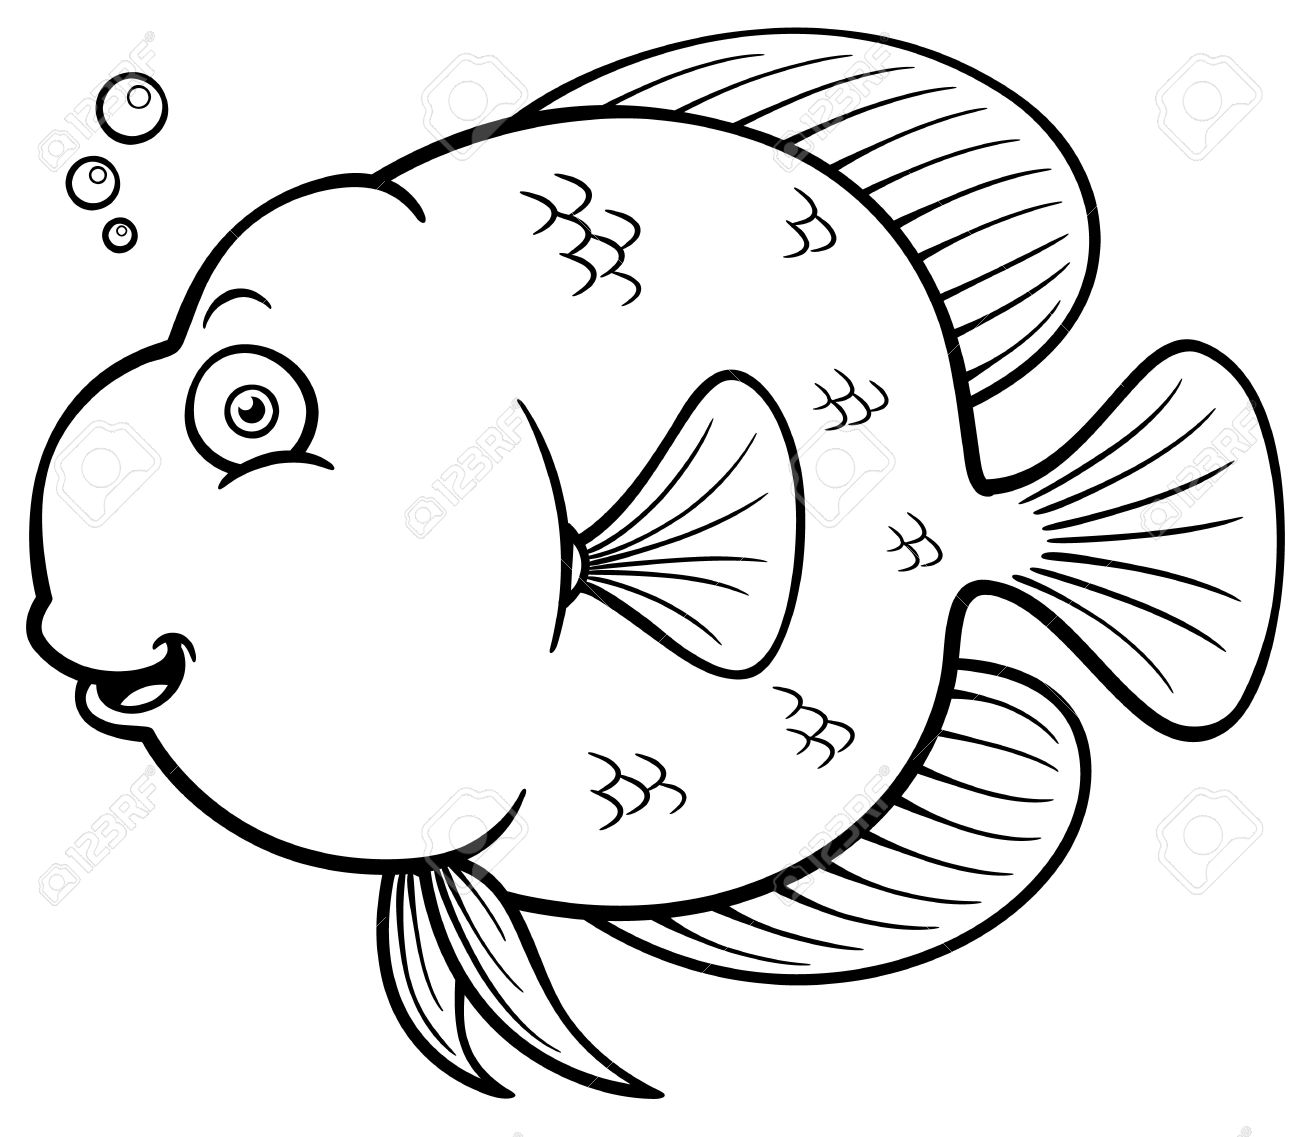 Ector Ilustración De Peces De Dibujos Animados Libro Para Colorear